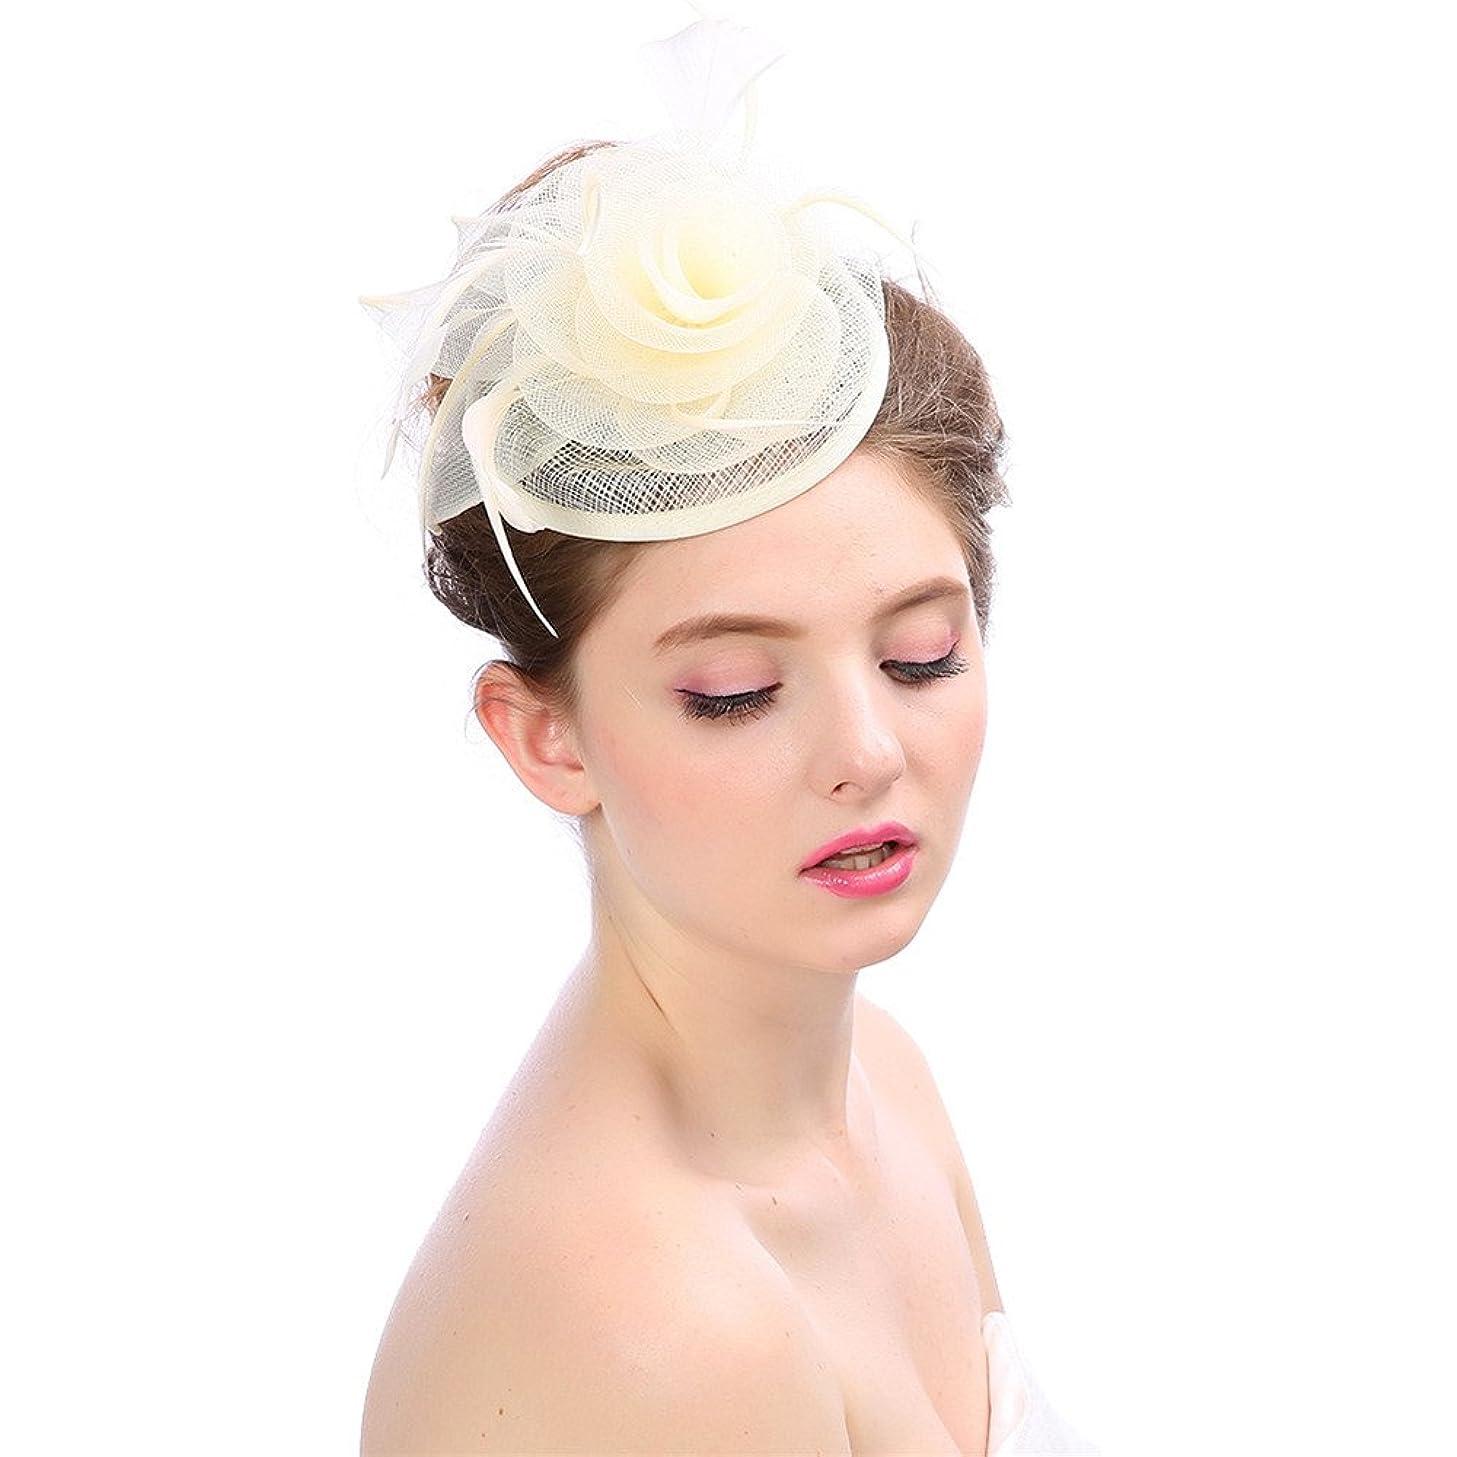 パリティピアース不道徳女性の魅力的な帽子 女性のエレガントな魅惑的な帽子ブライダルフェザーヘアクリップアクセサリーカクテルロイヤルアスコット (色 : ベージュ)